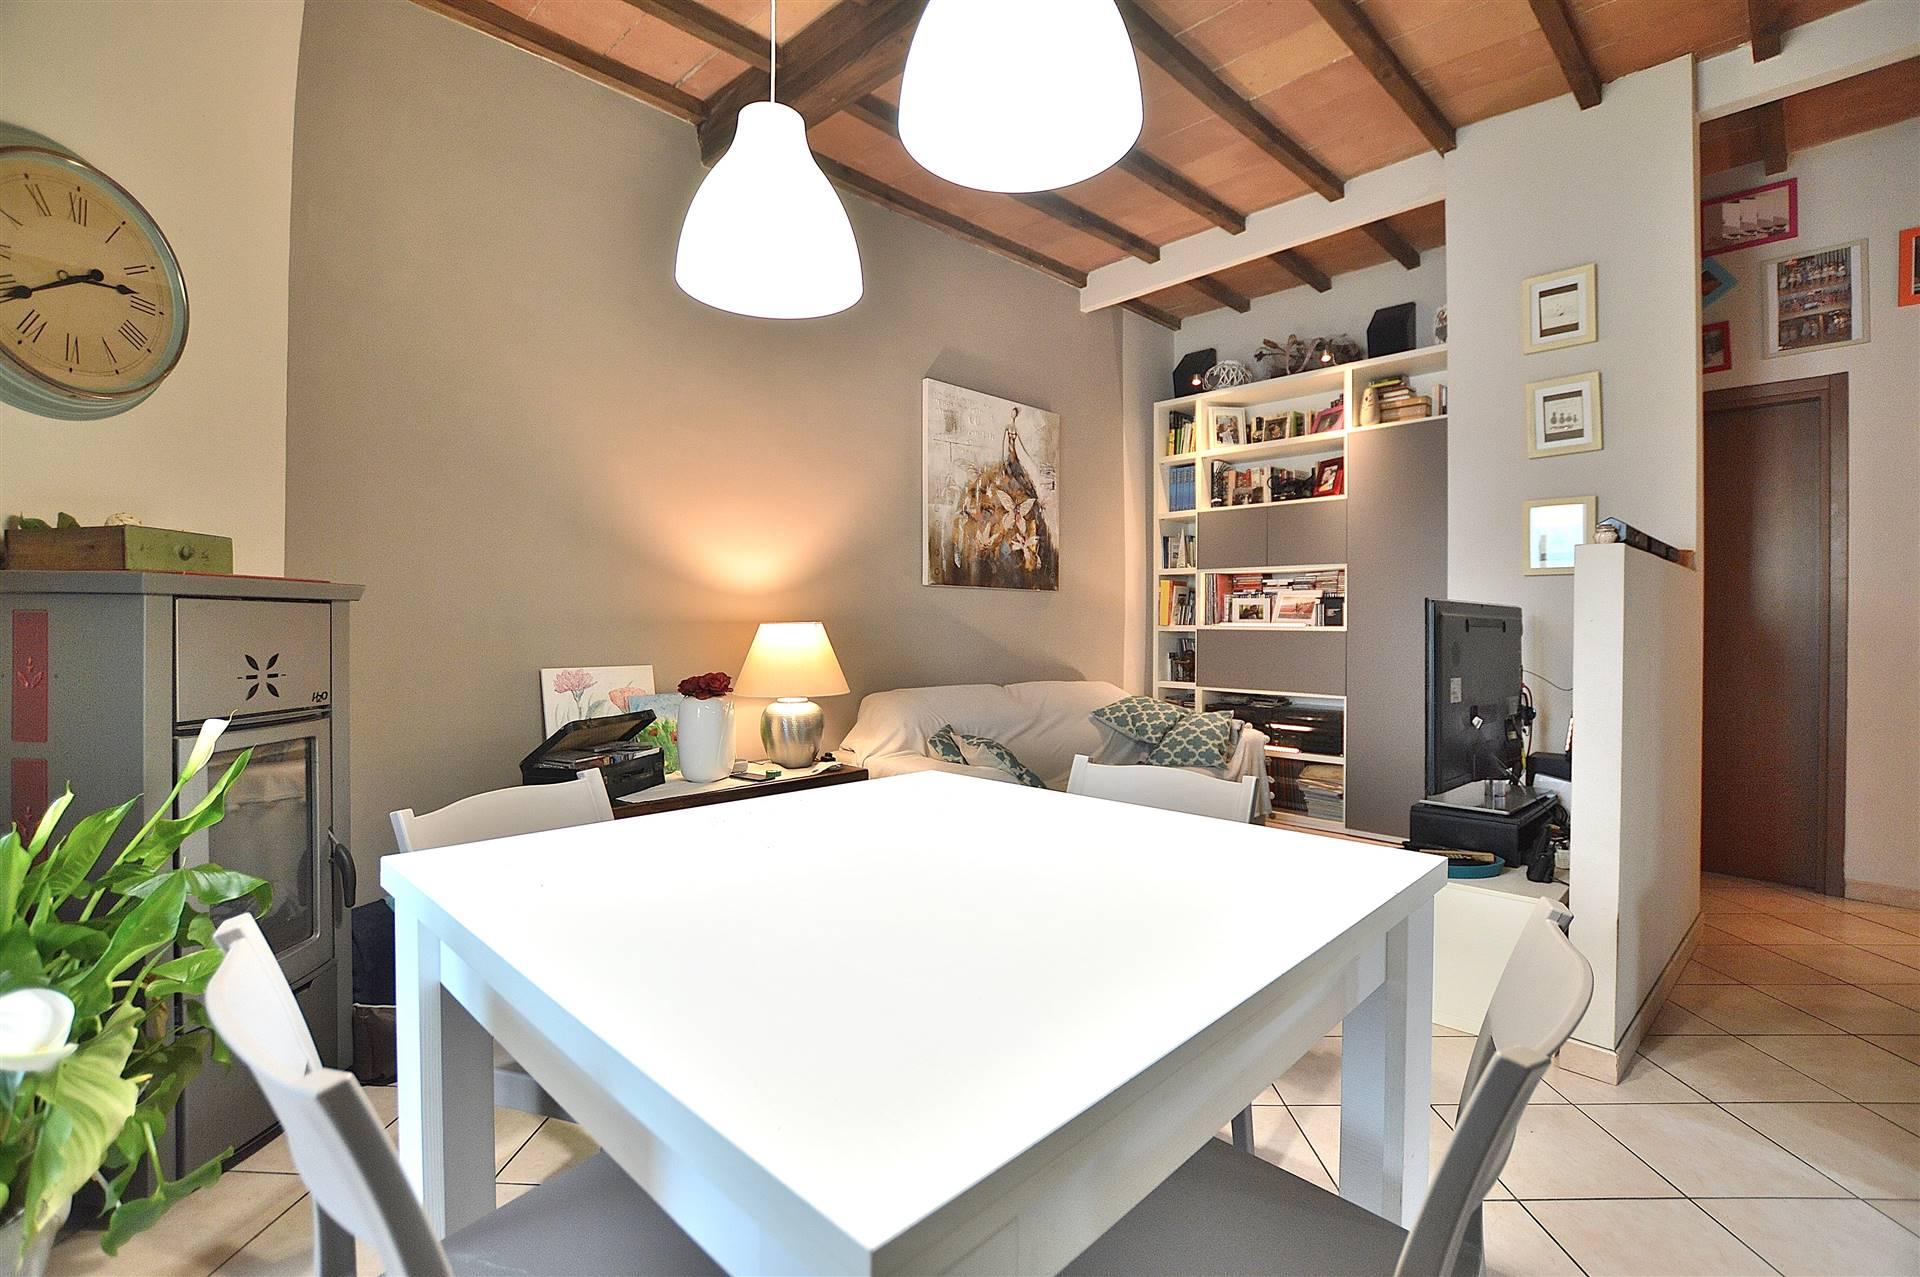 Monteroni d'Arbia, in zona centrale e servita, proponiamo appartamento ristrutturato con ingresso indipendente posto al primo ed ultimo piano. L'immobile si sviluppa su un unico livello ed è composto